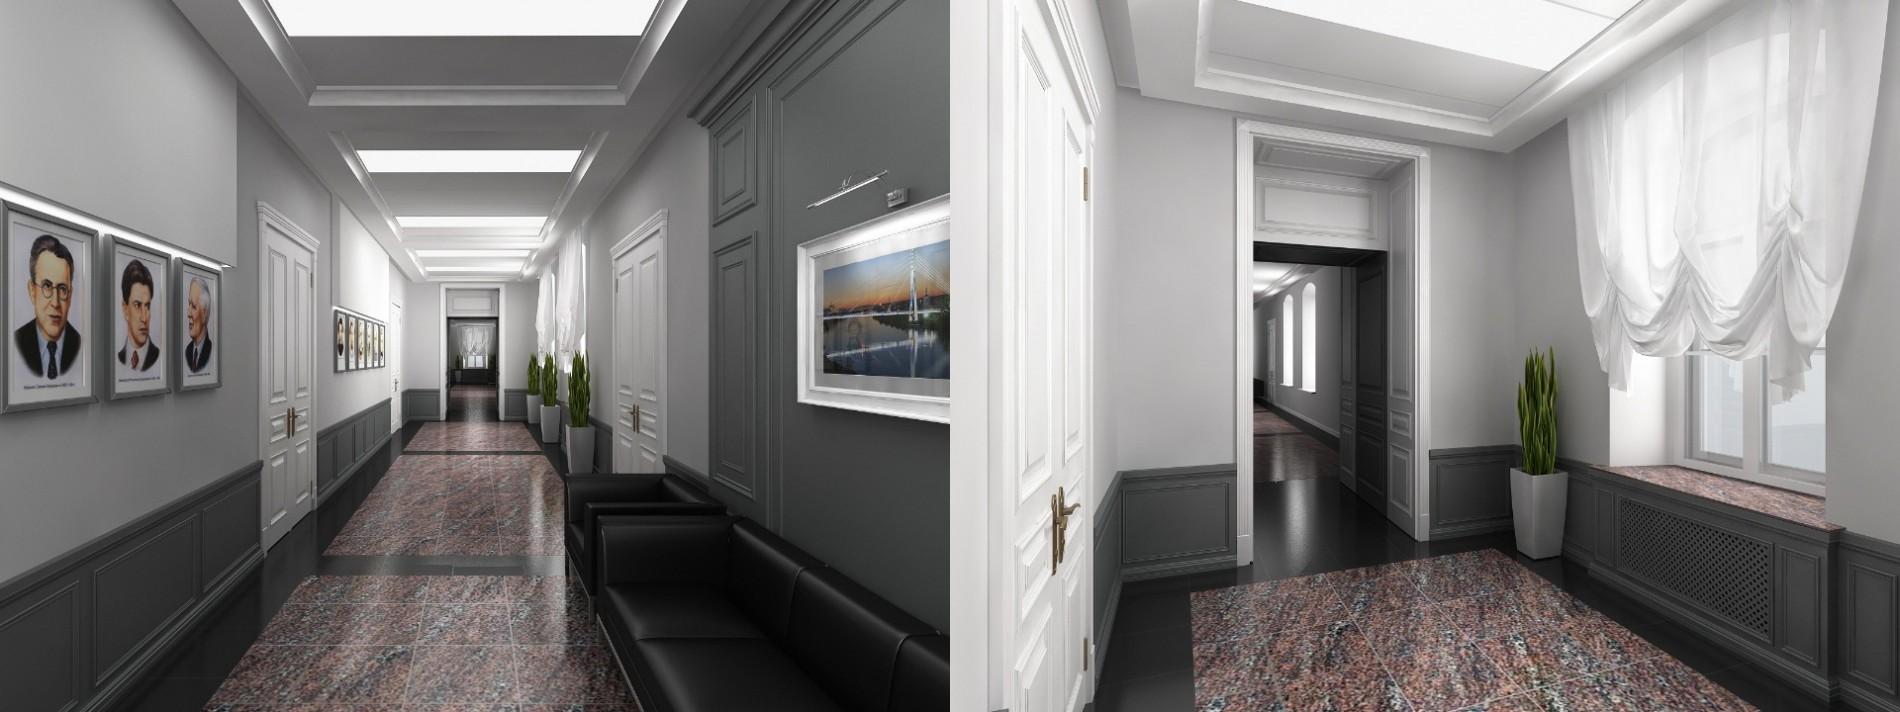 Дизайн офисного пространства в г. Тюмени